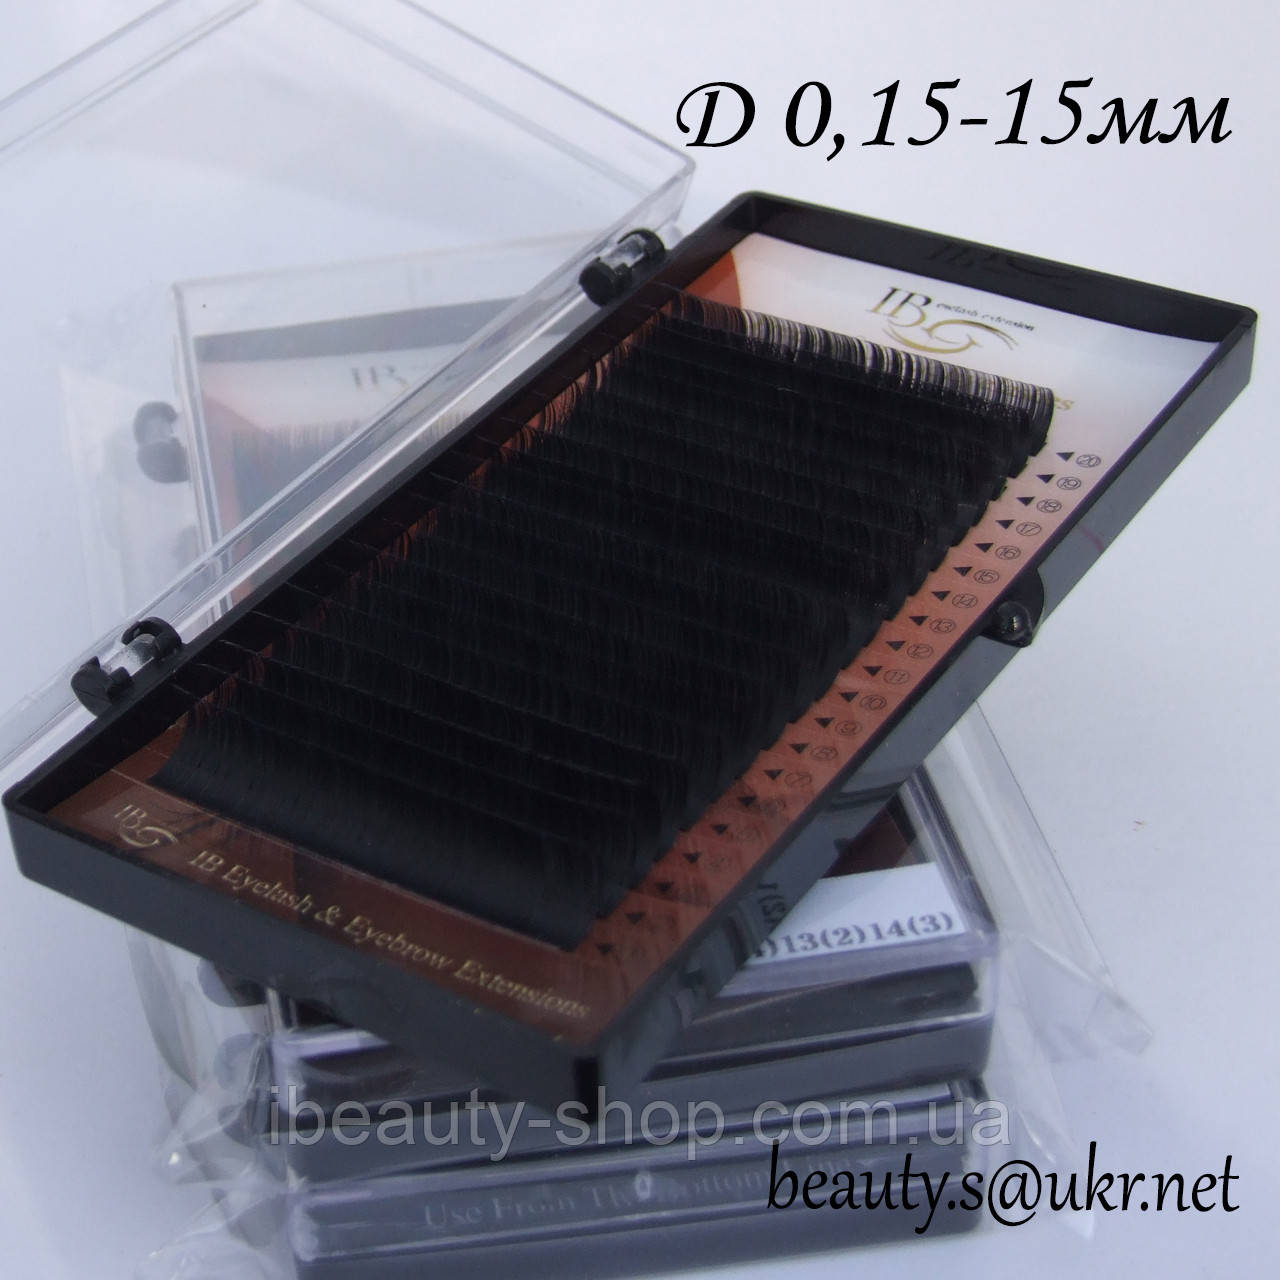 Ресницы  I-Beauty на ленте D-0,15 15мм